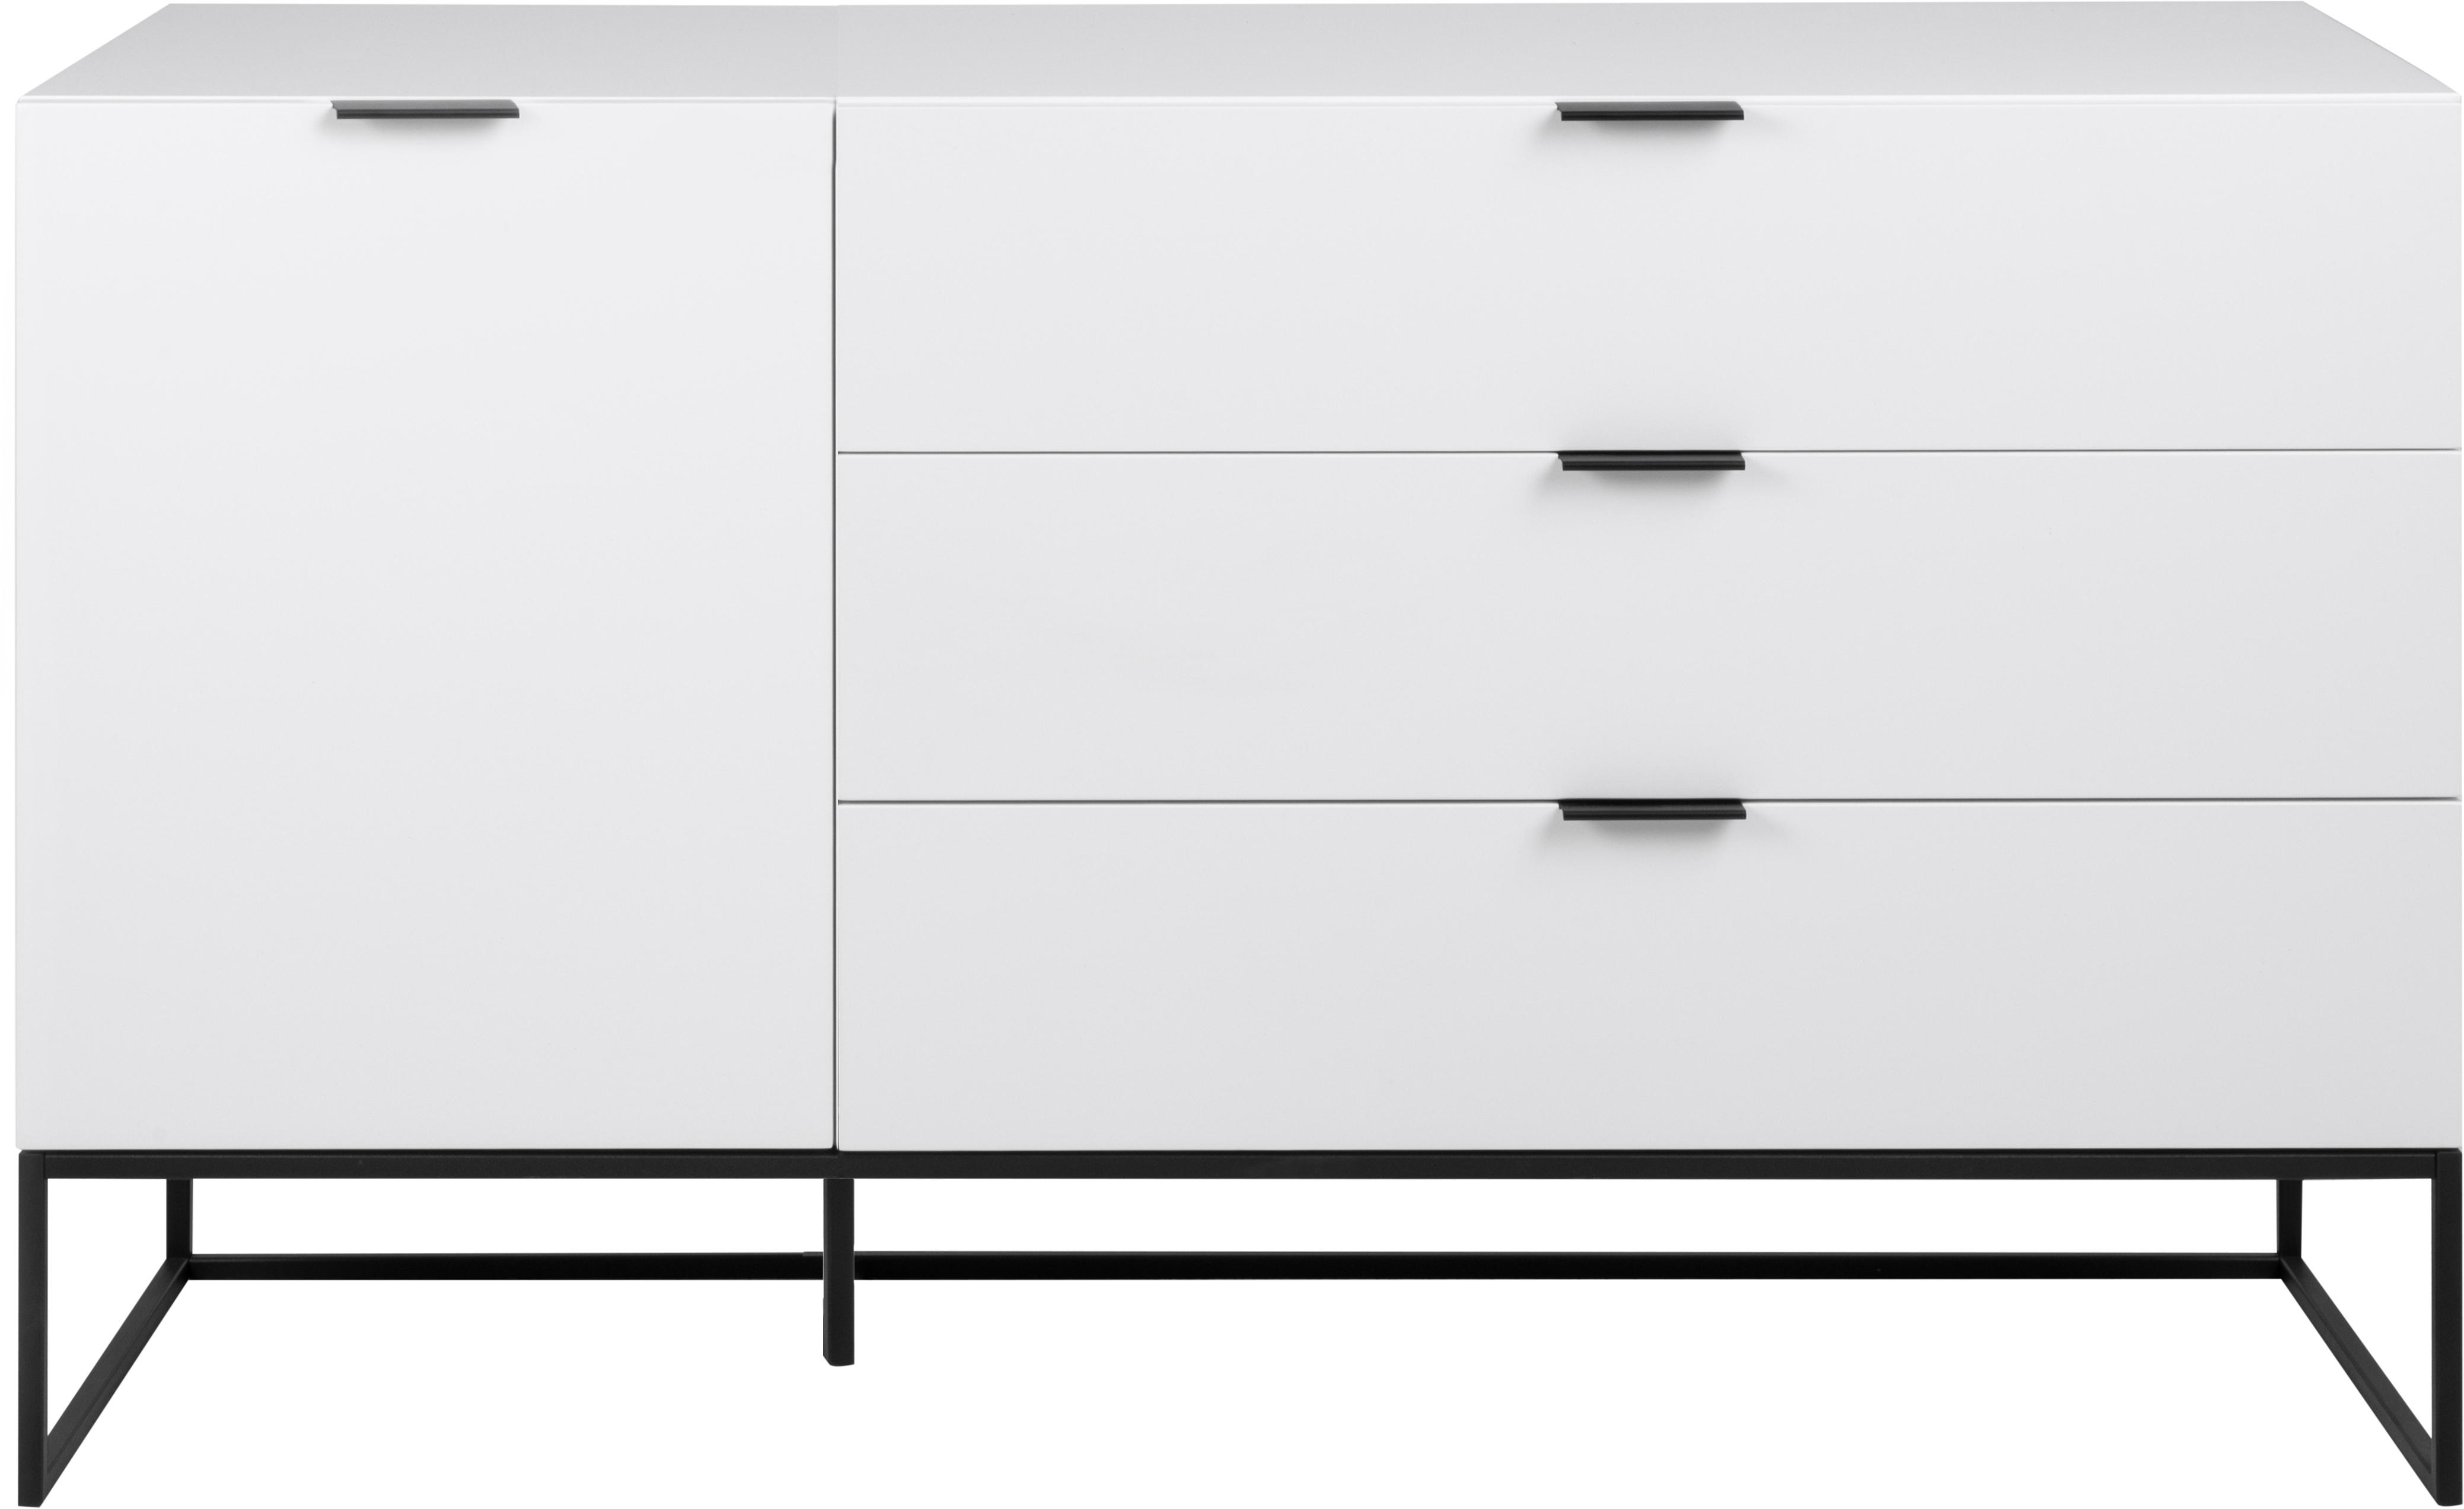 Komoda z szufladami Kobe, Biały, czarny, S 134 x W 80 cm